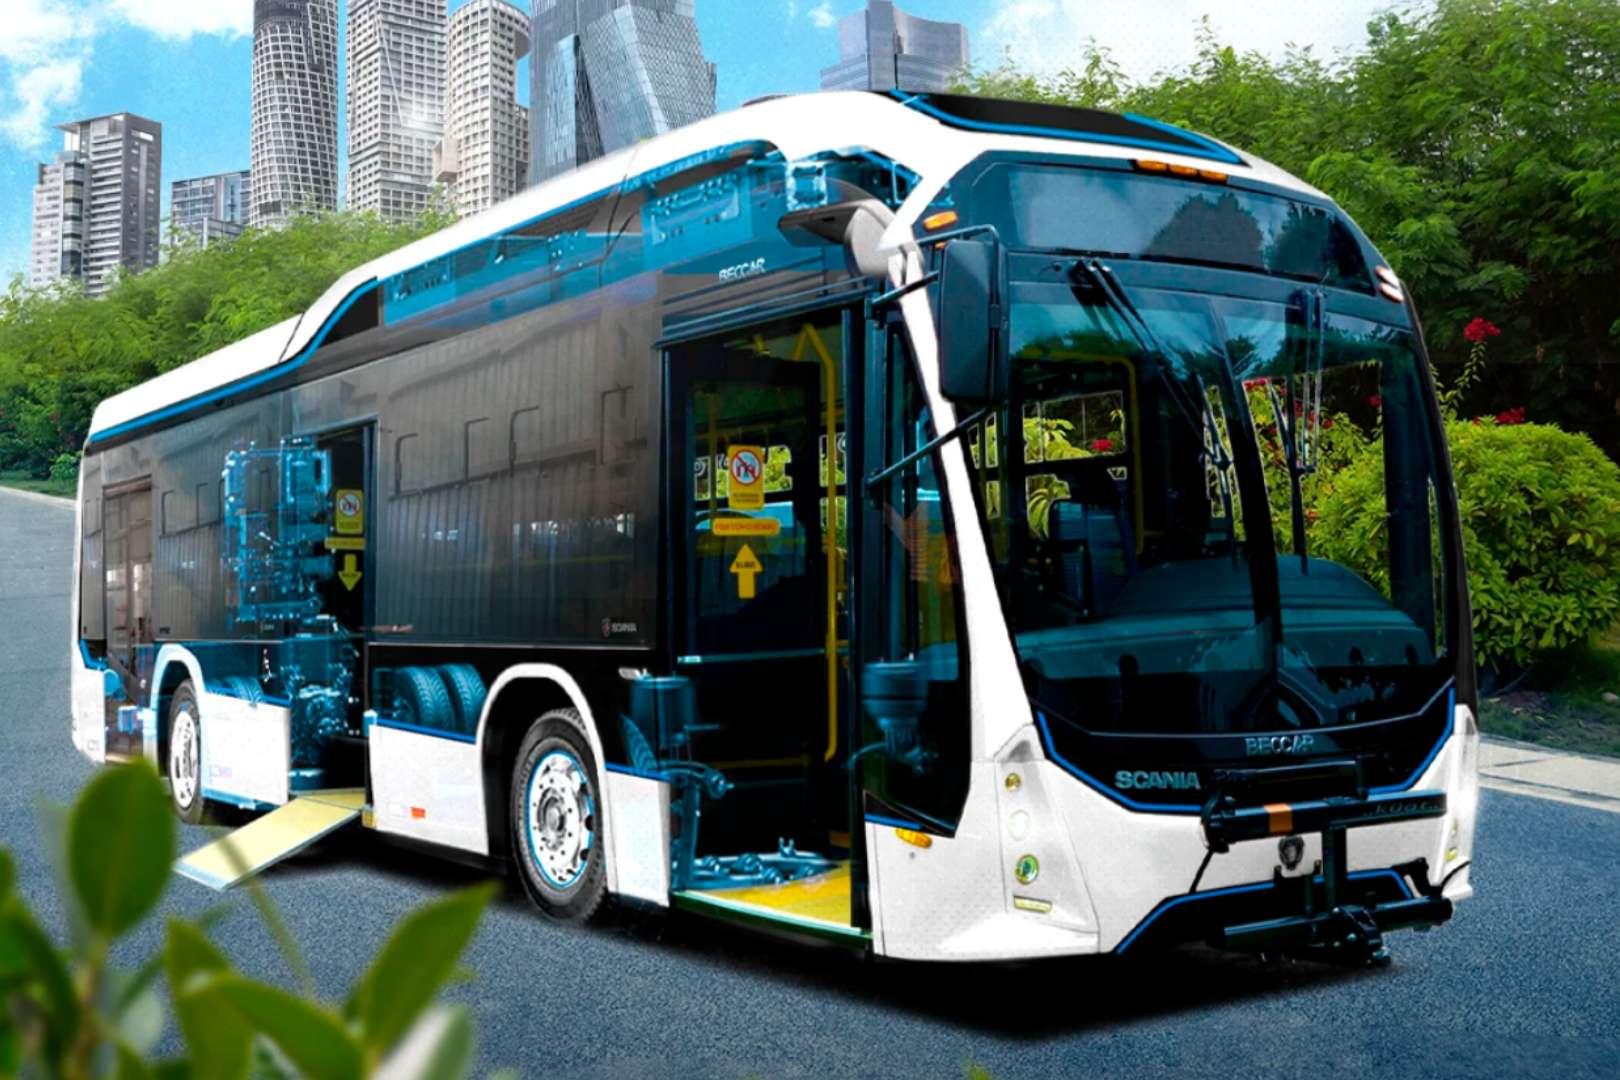 Scania Volt E-Urviabús